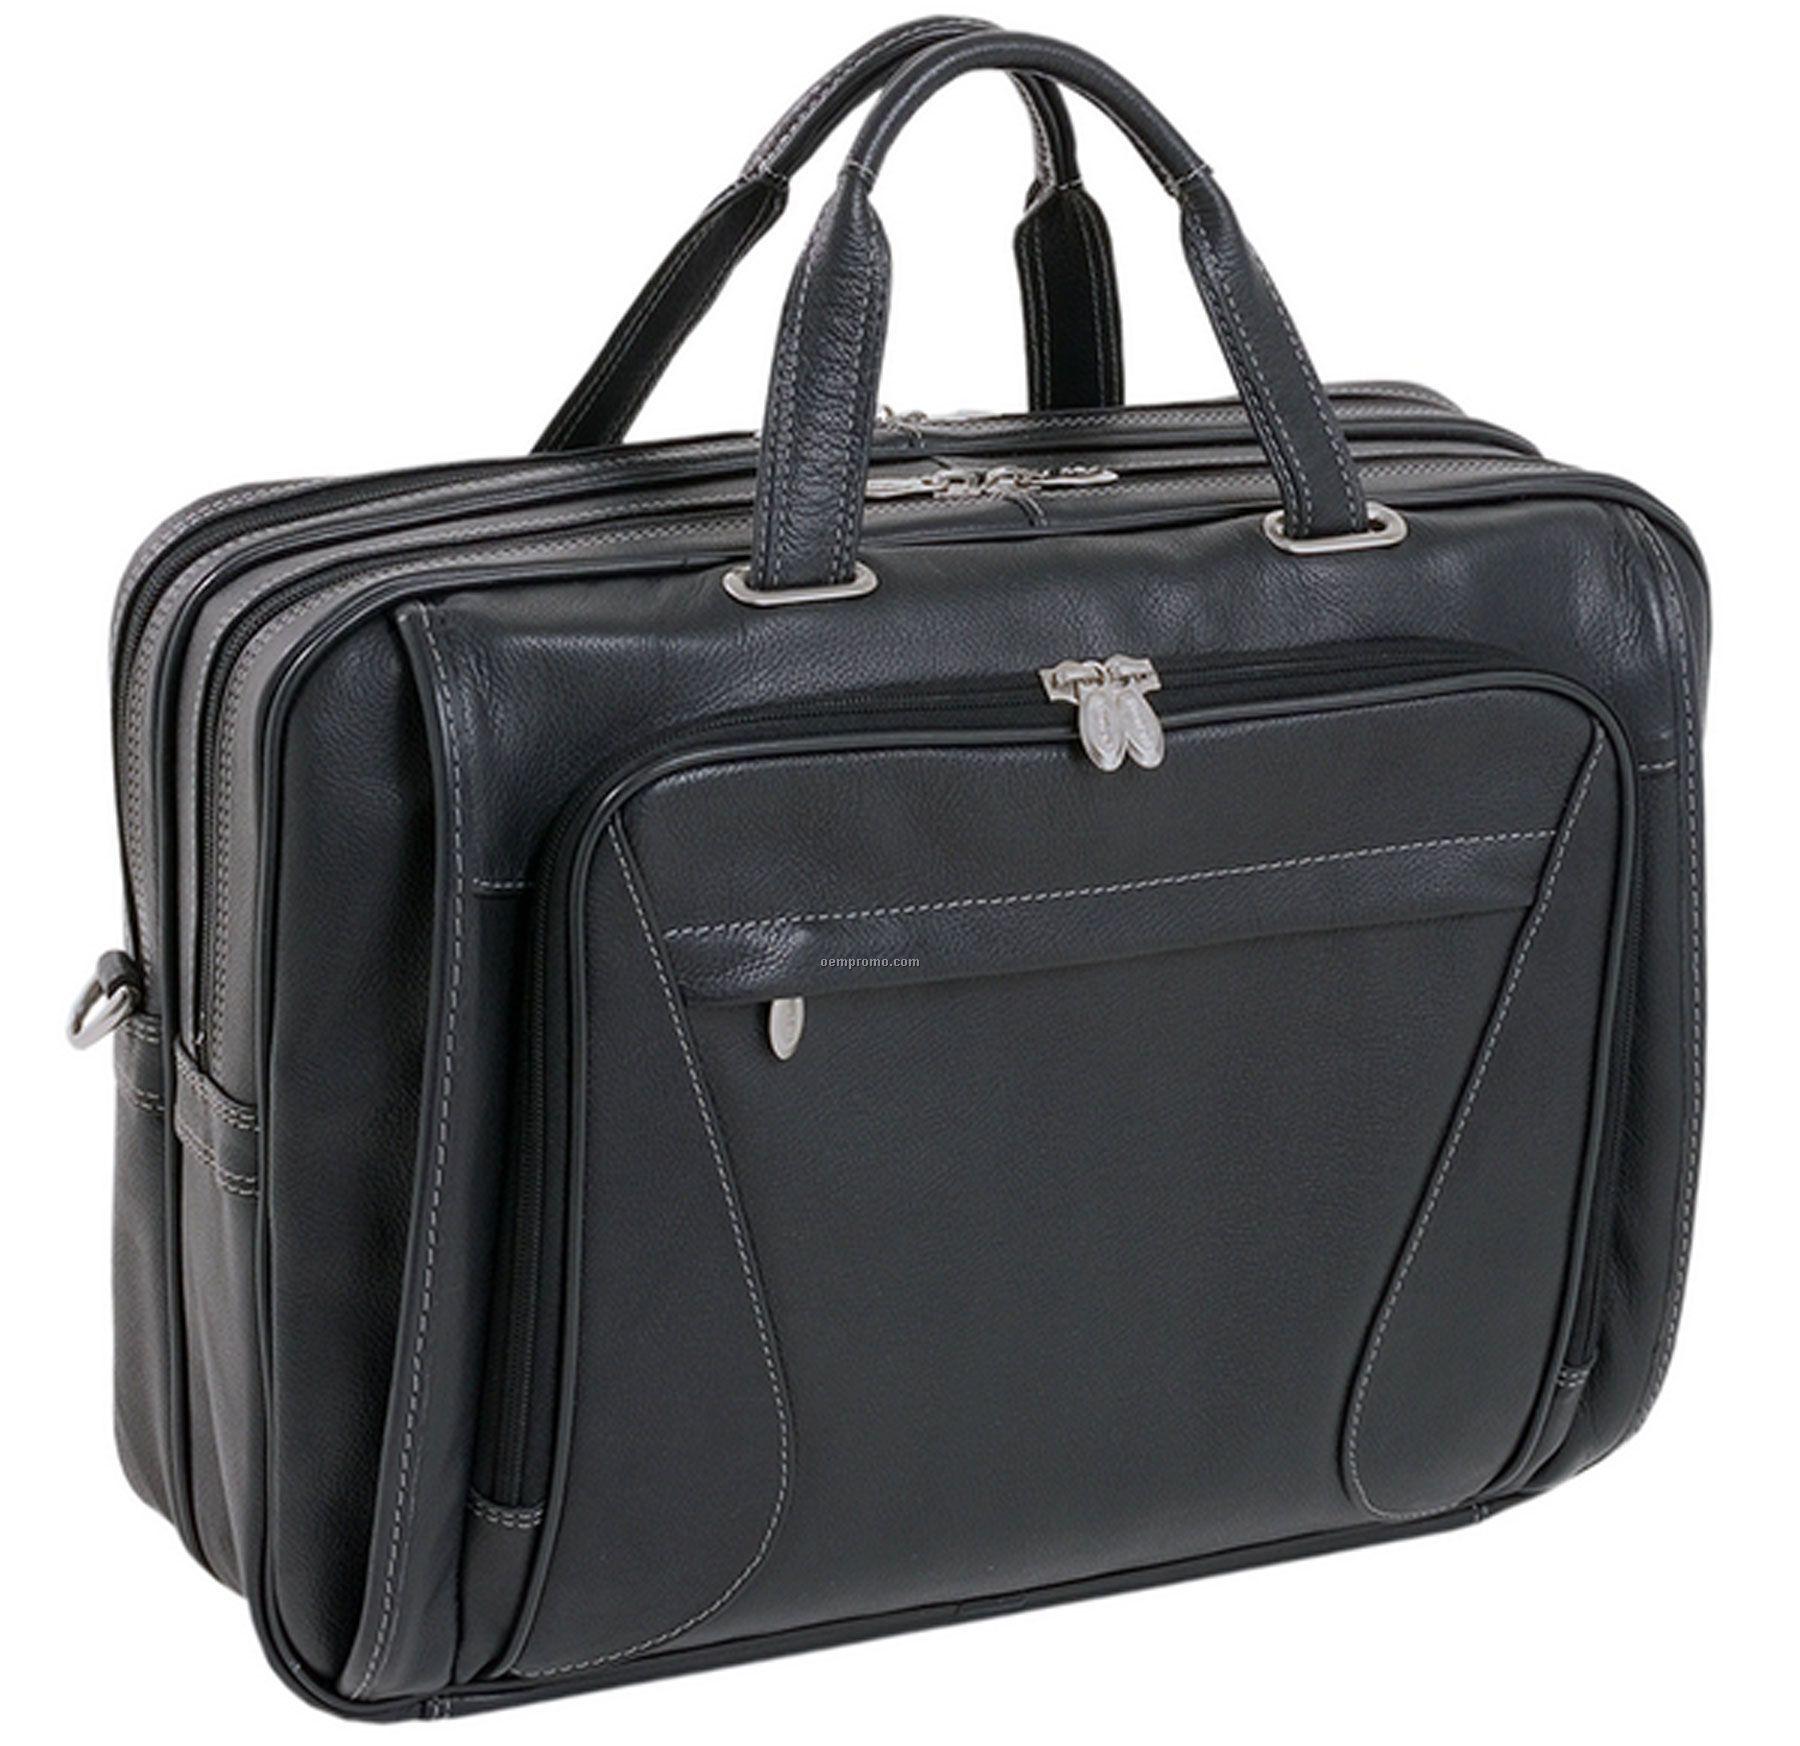 Irving Park Leather Double Compartment Laptop Case - Black